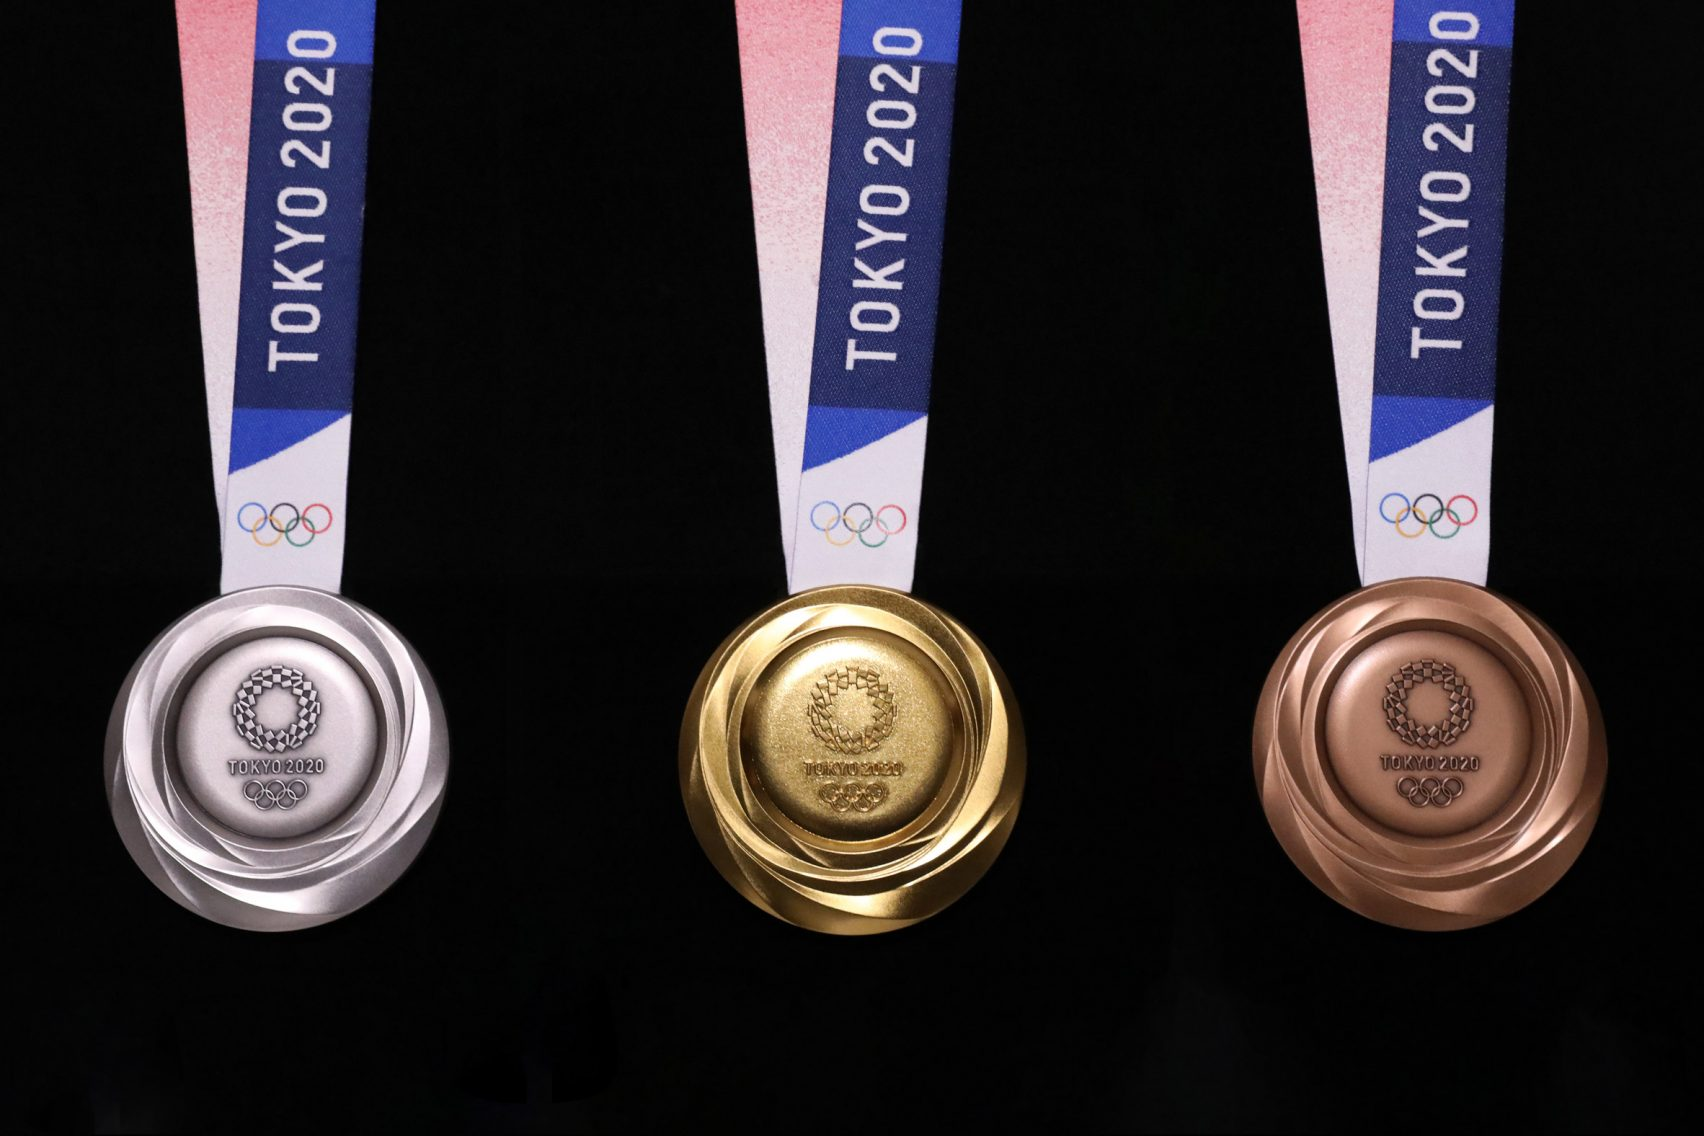 올림픽위원회, 폐스마트폰으로 2020 올림픽 메달 제작